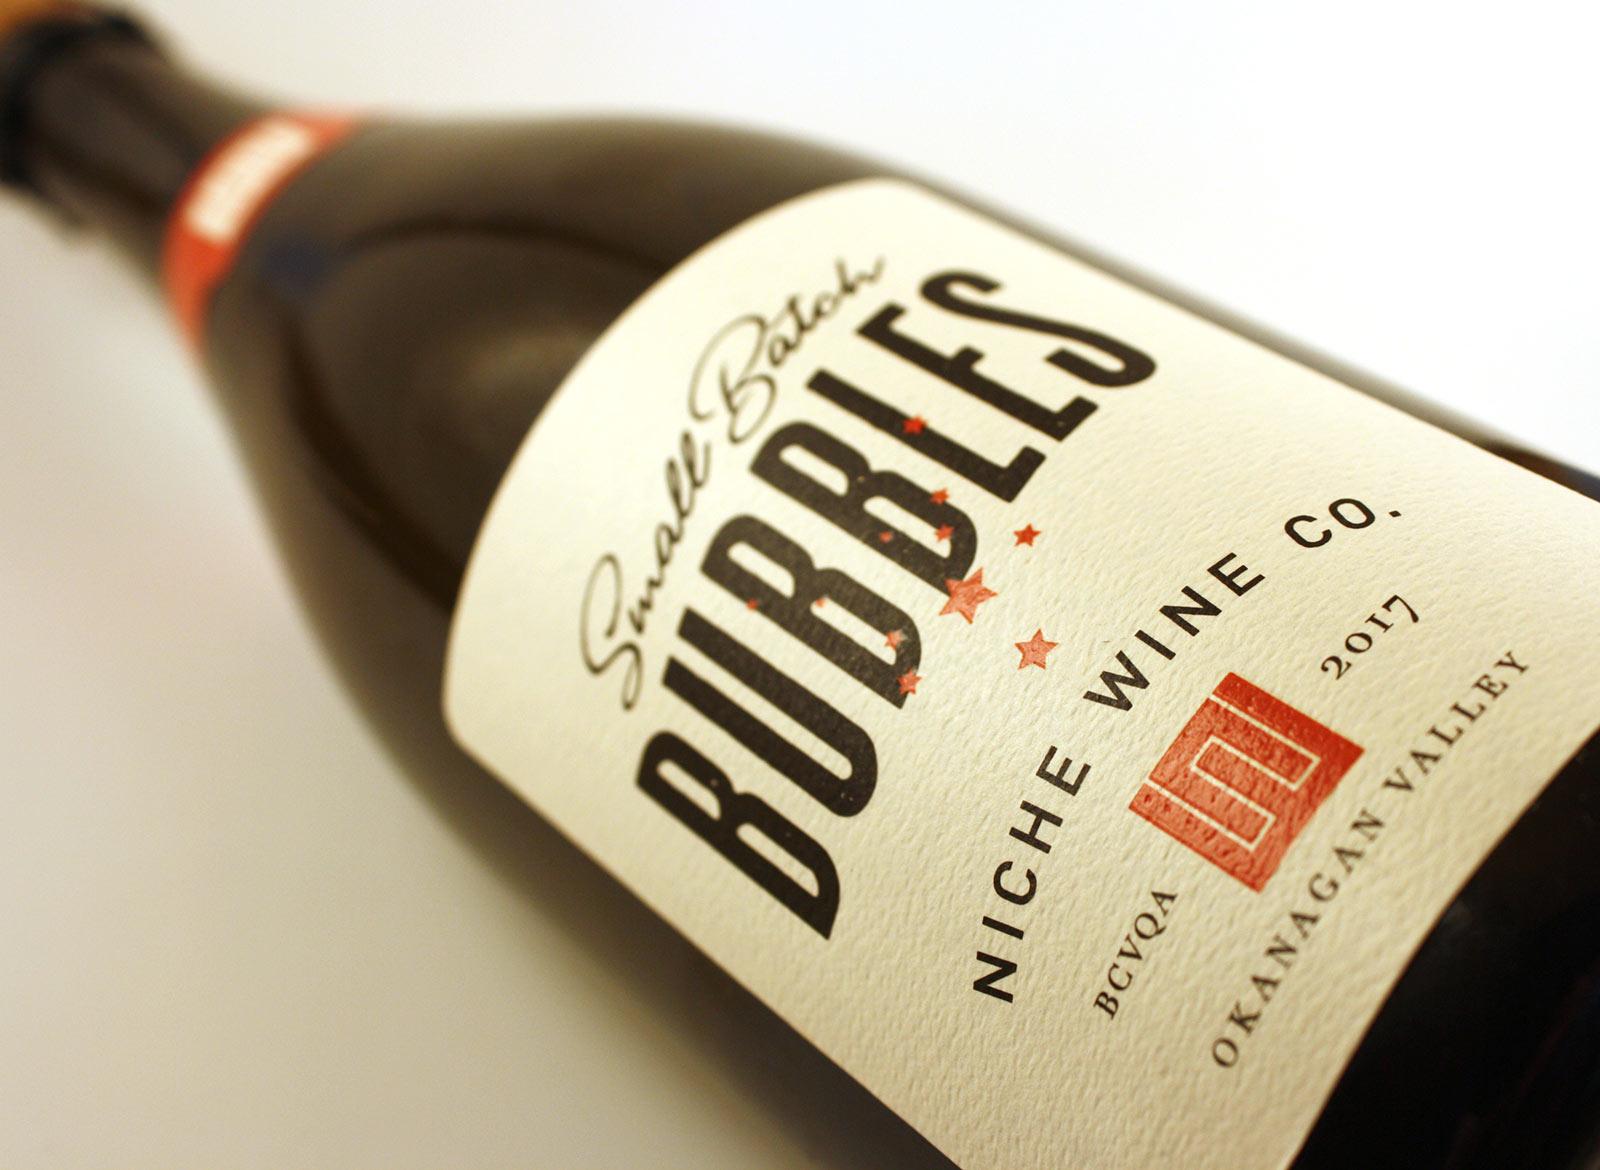 Niche_Wine_Co_Bubbles_label.jpg